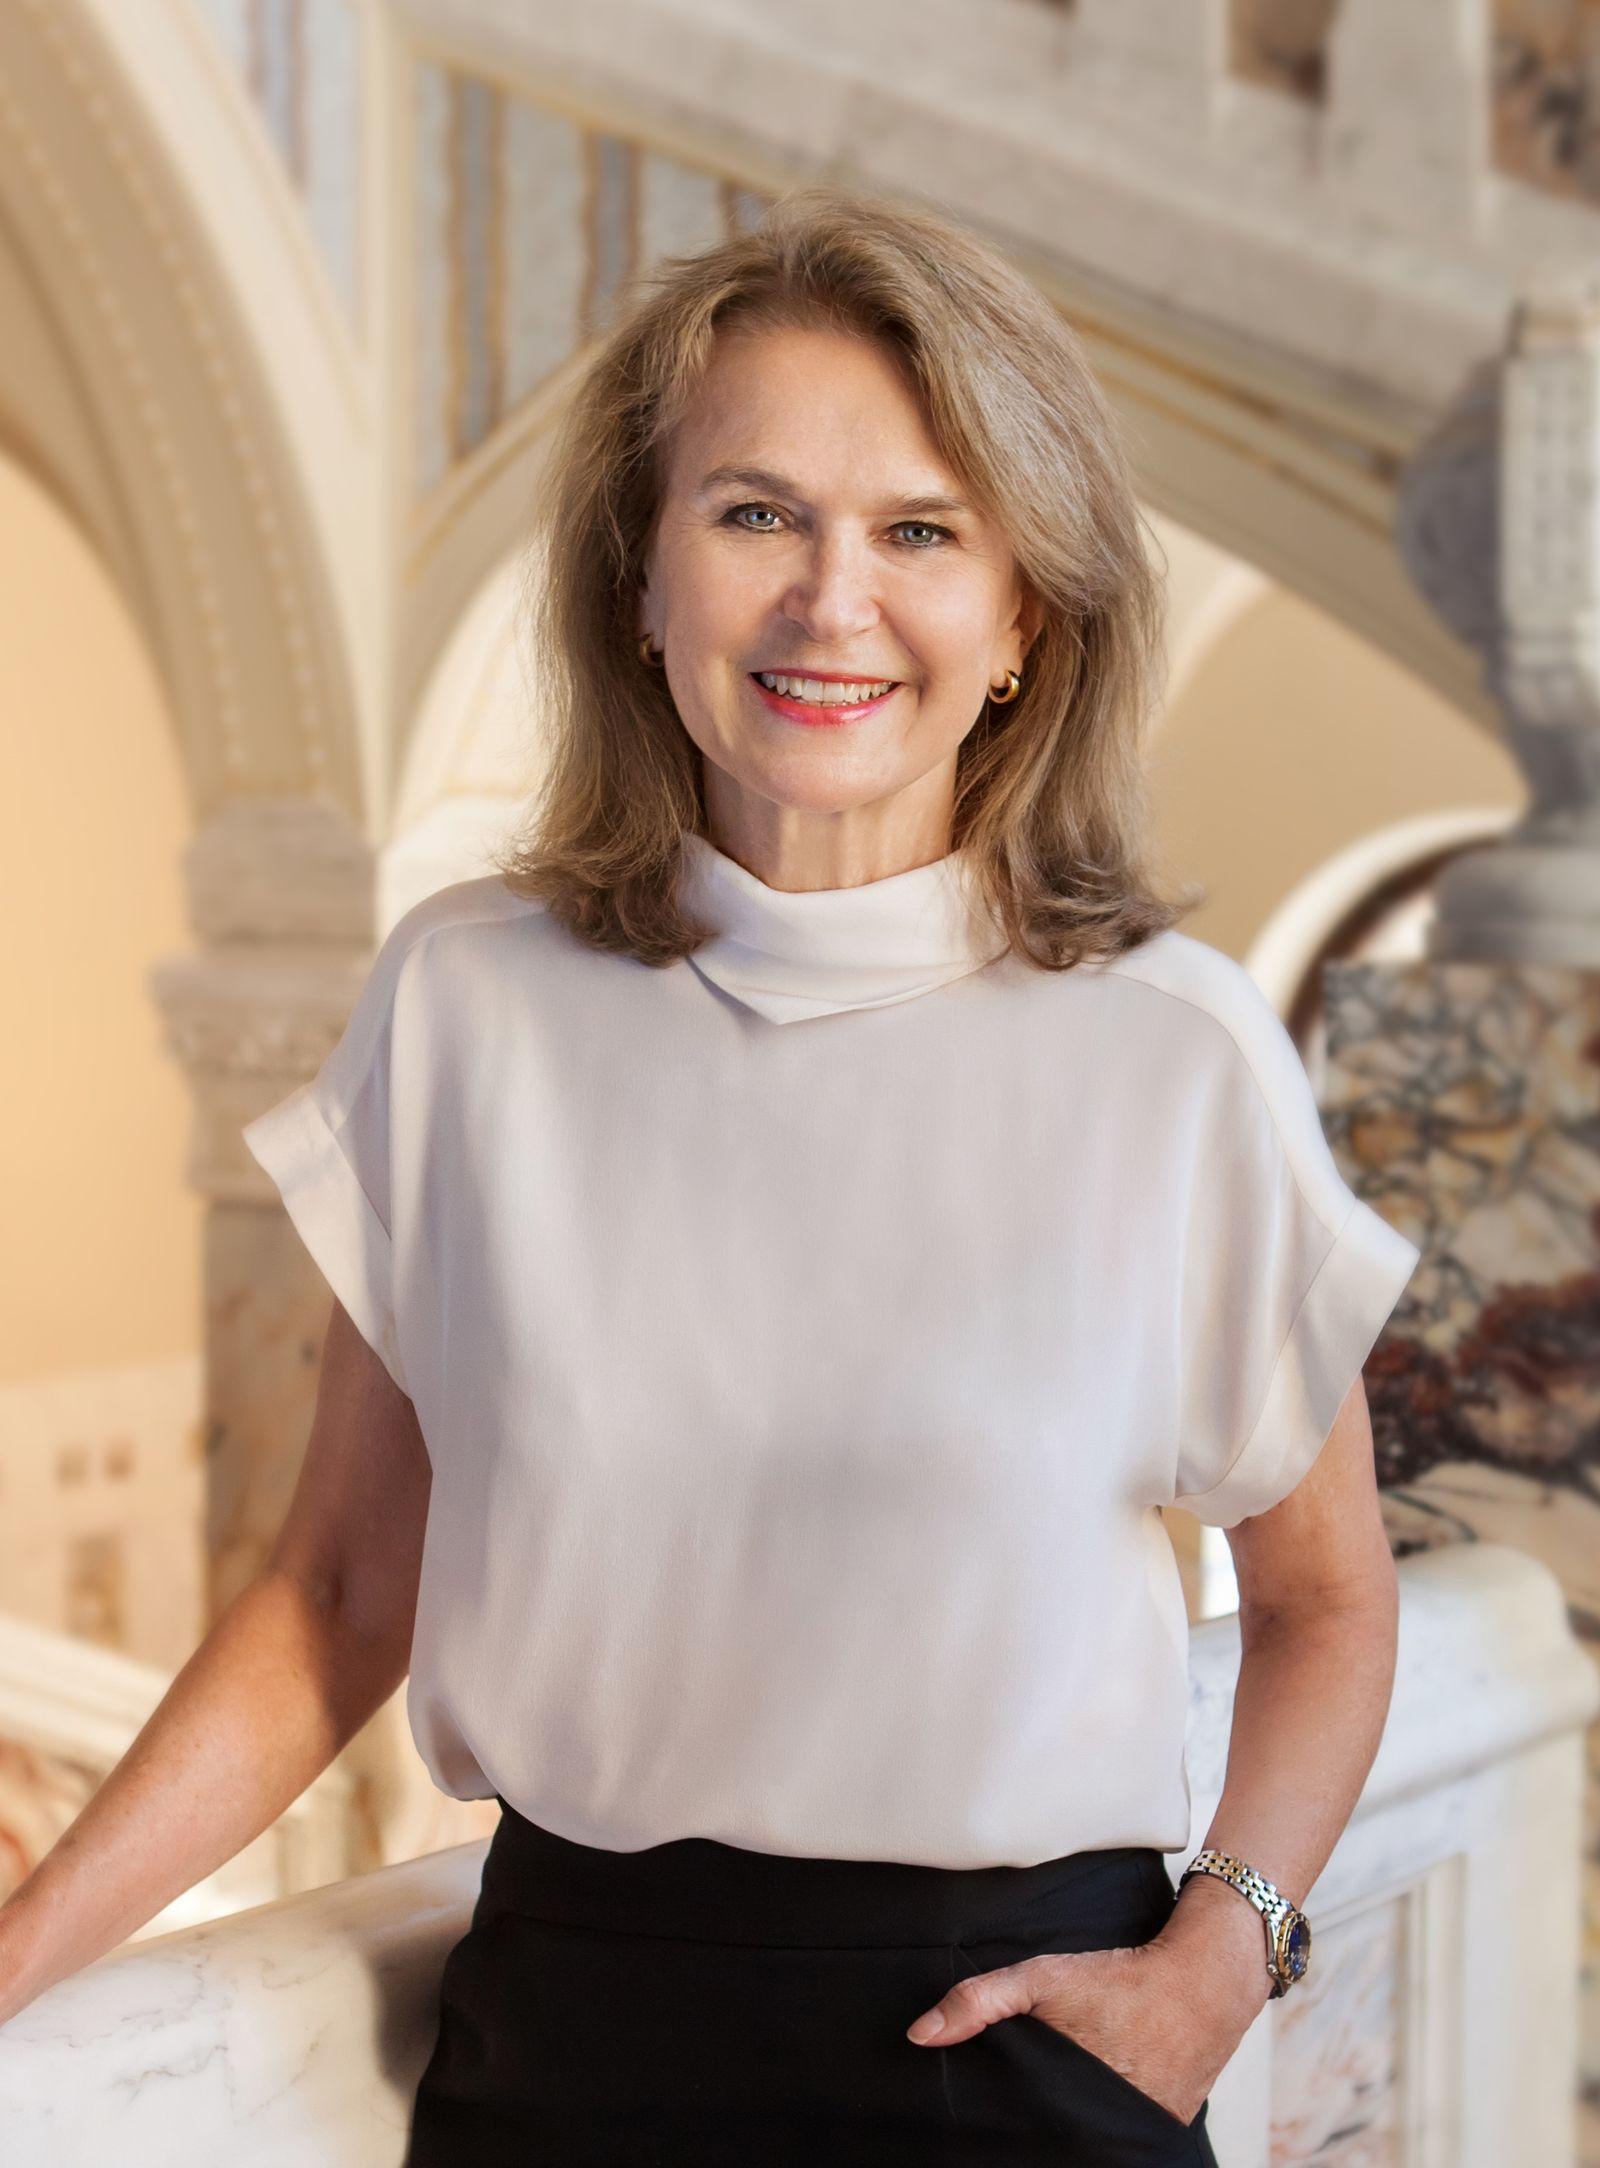 Mary Gräfin von Faber-Castell